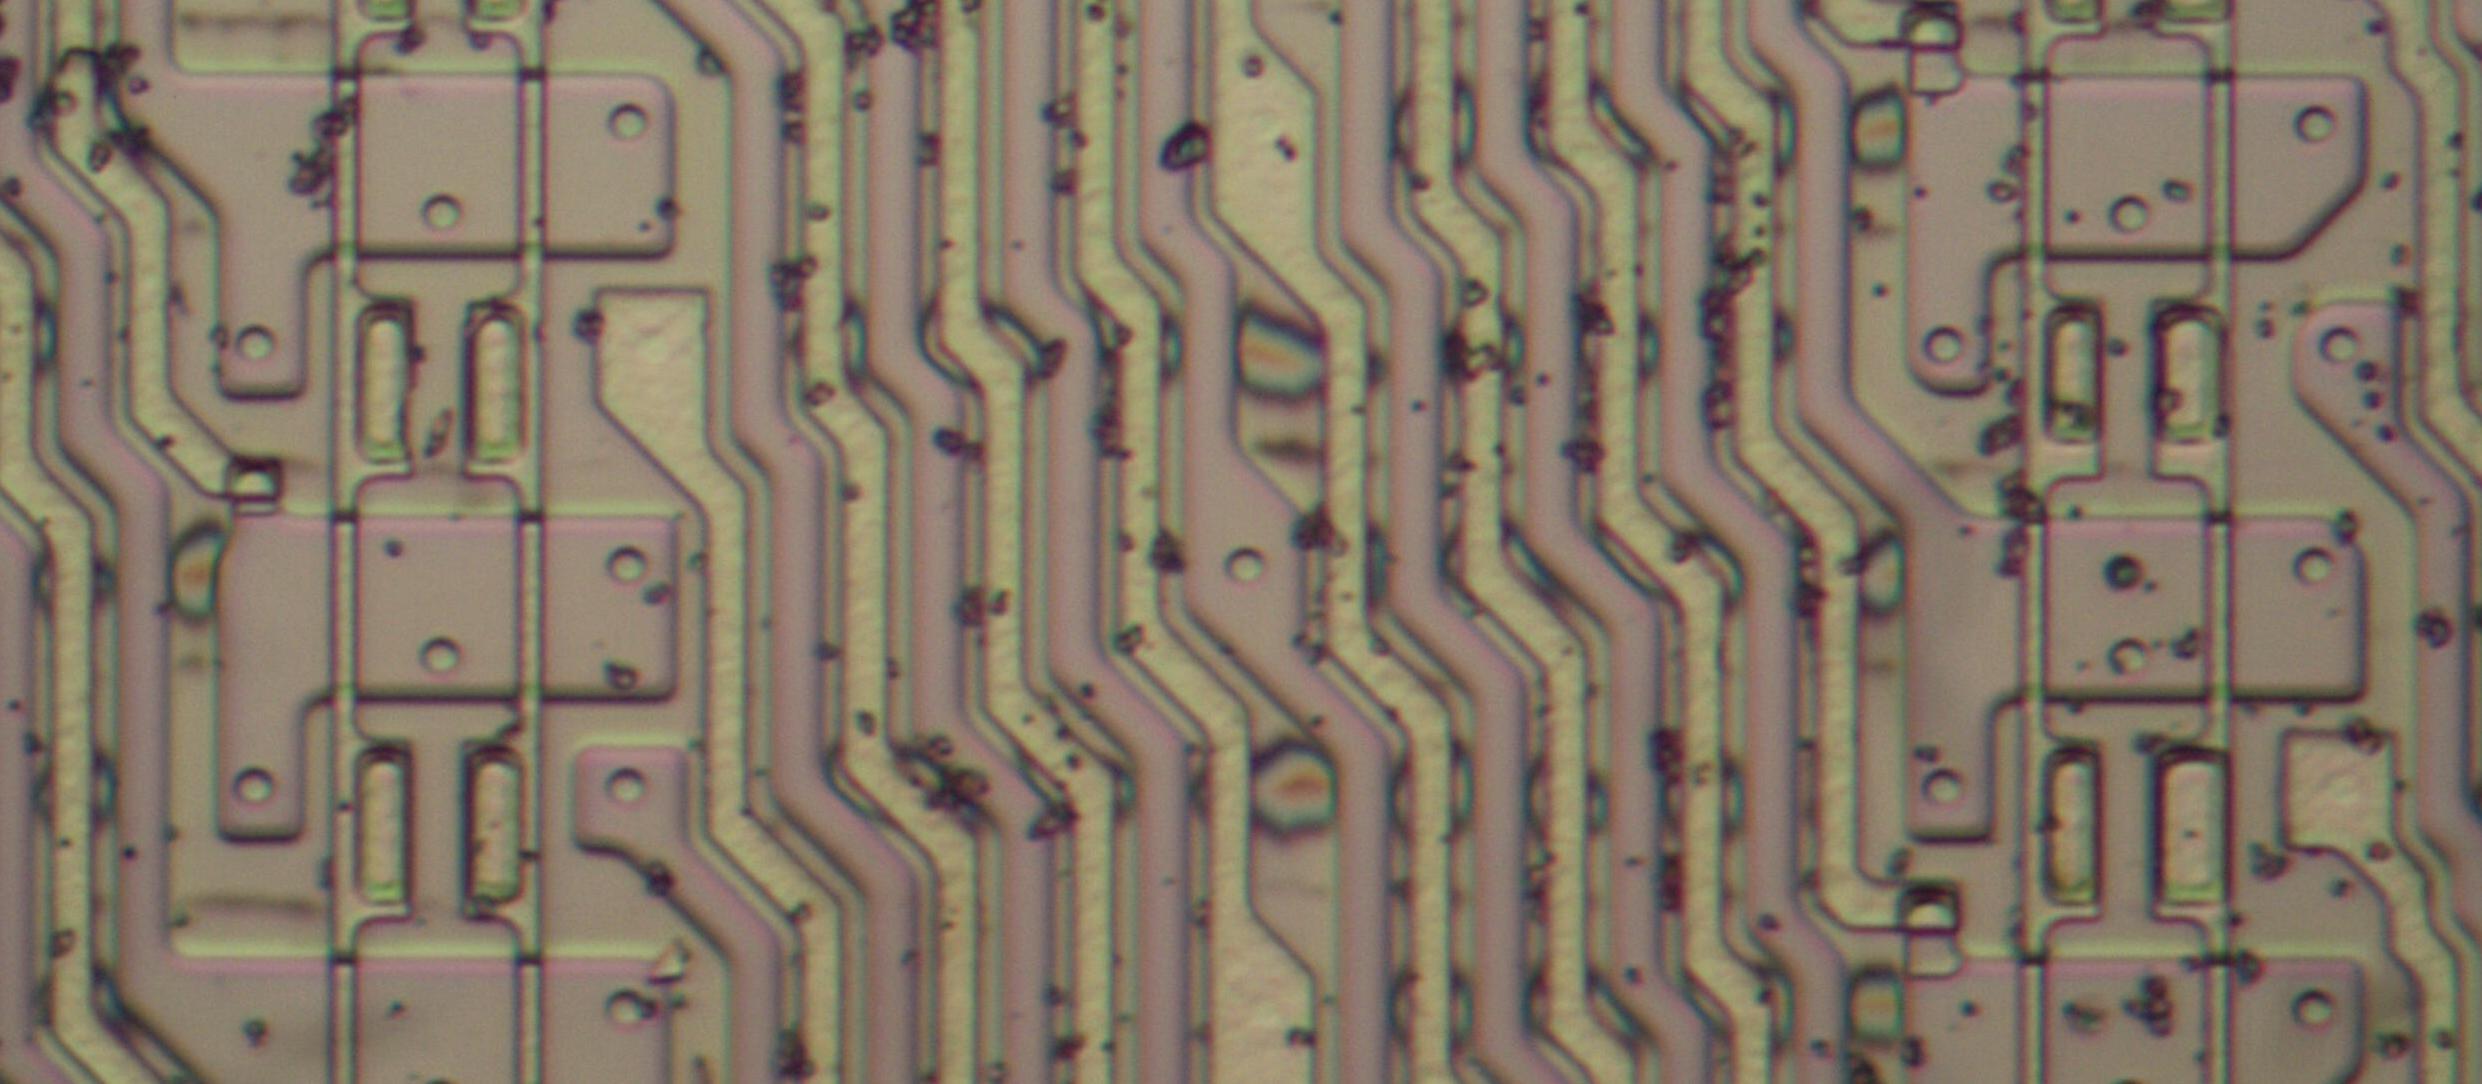 Анализ кристалла сдвигового регистра у математического сопроцессора 8087 - 8